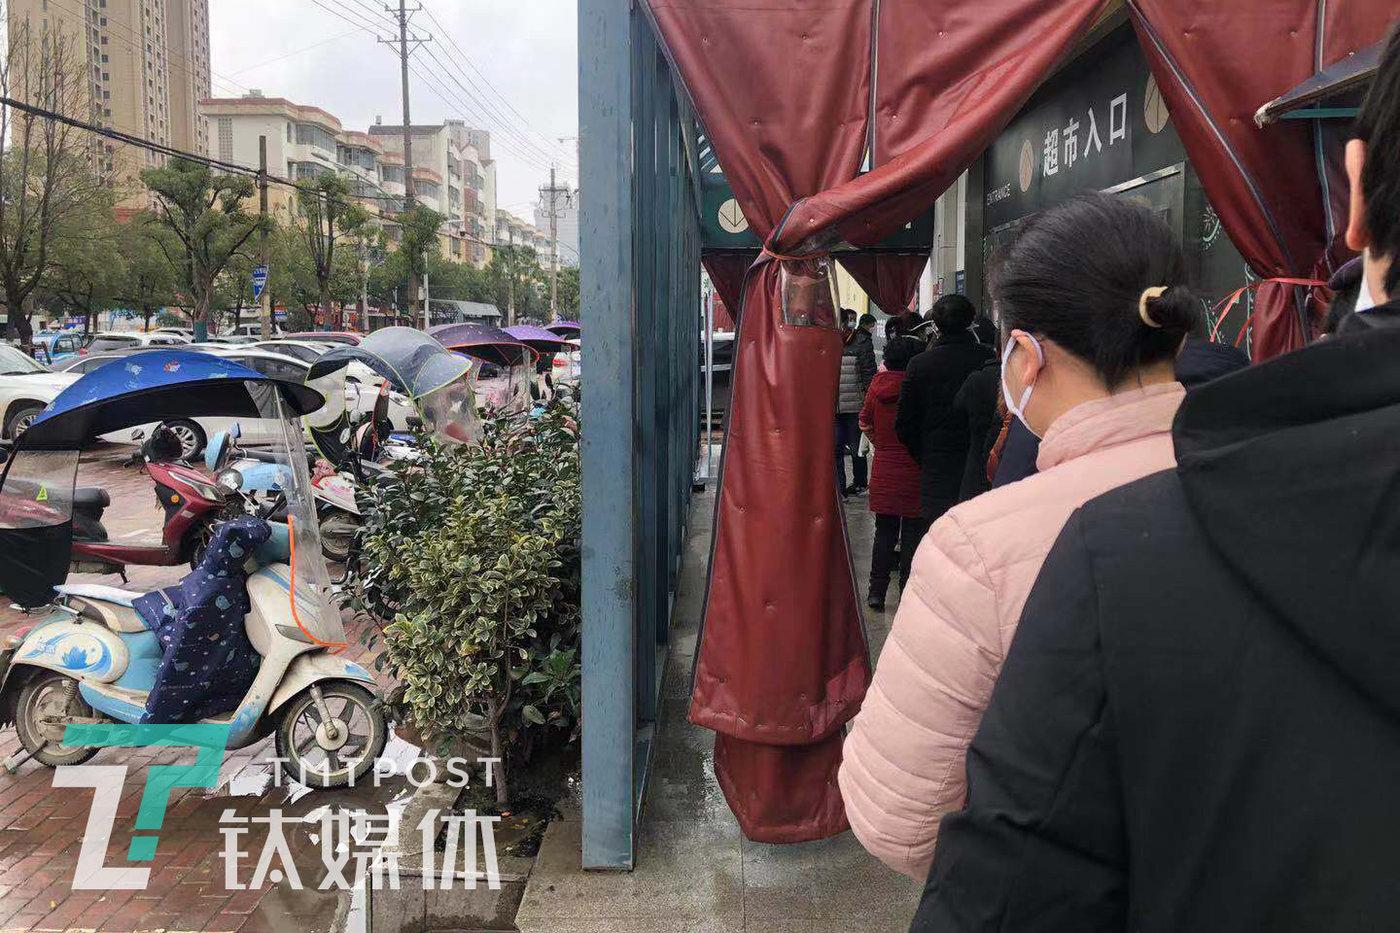 超市入口处,人们排队等待被测量体温。(受访者供图)